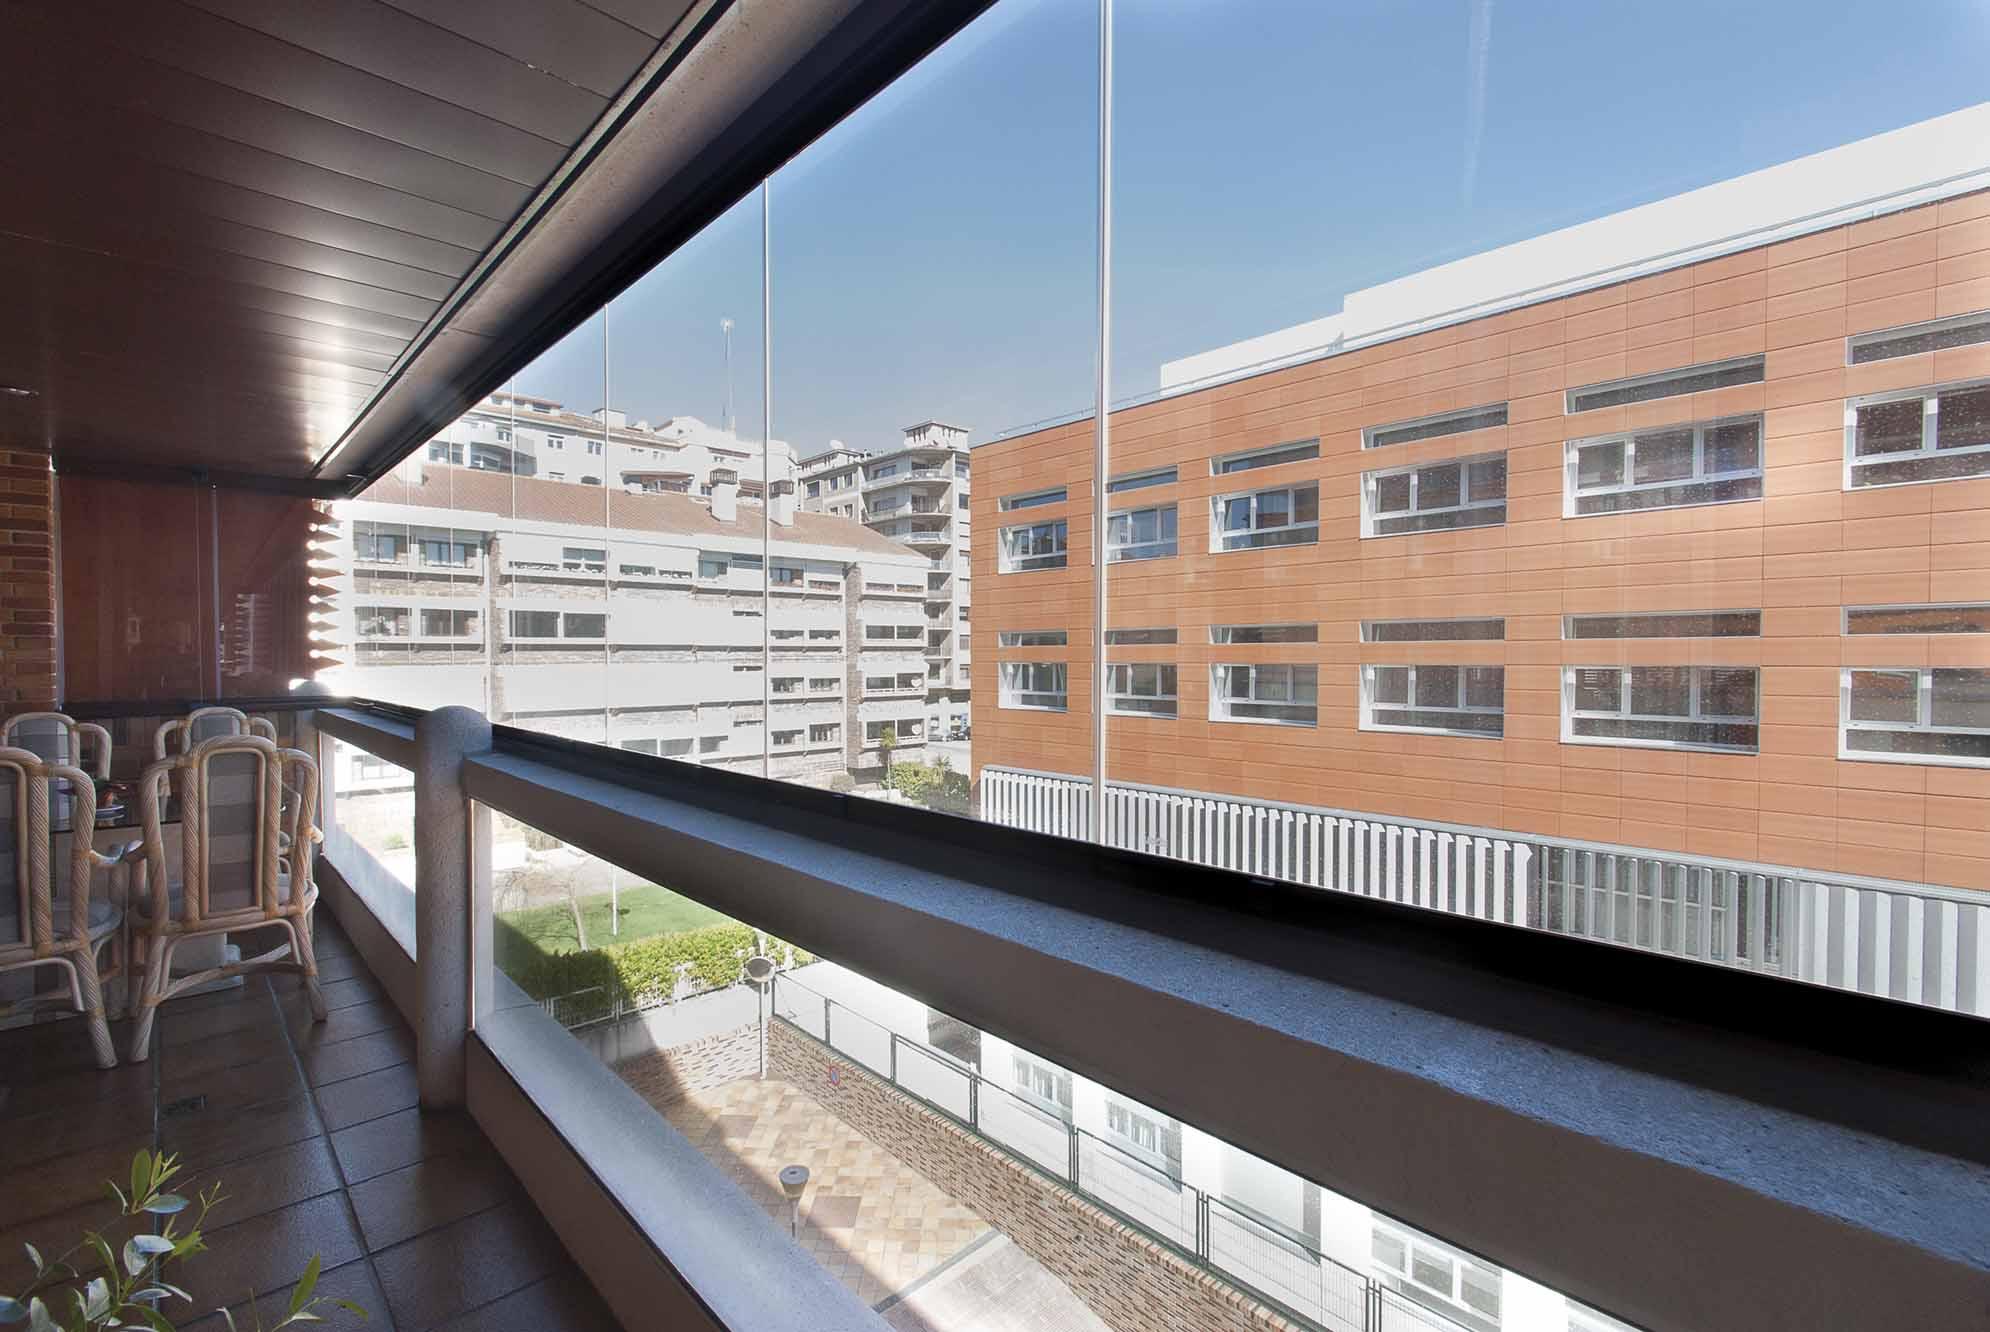 terraza-balcon-cerramiento-cortinas-cristal-lumon-4